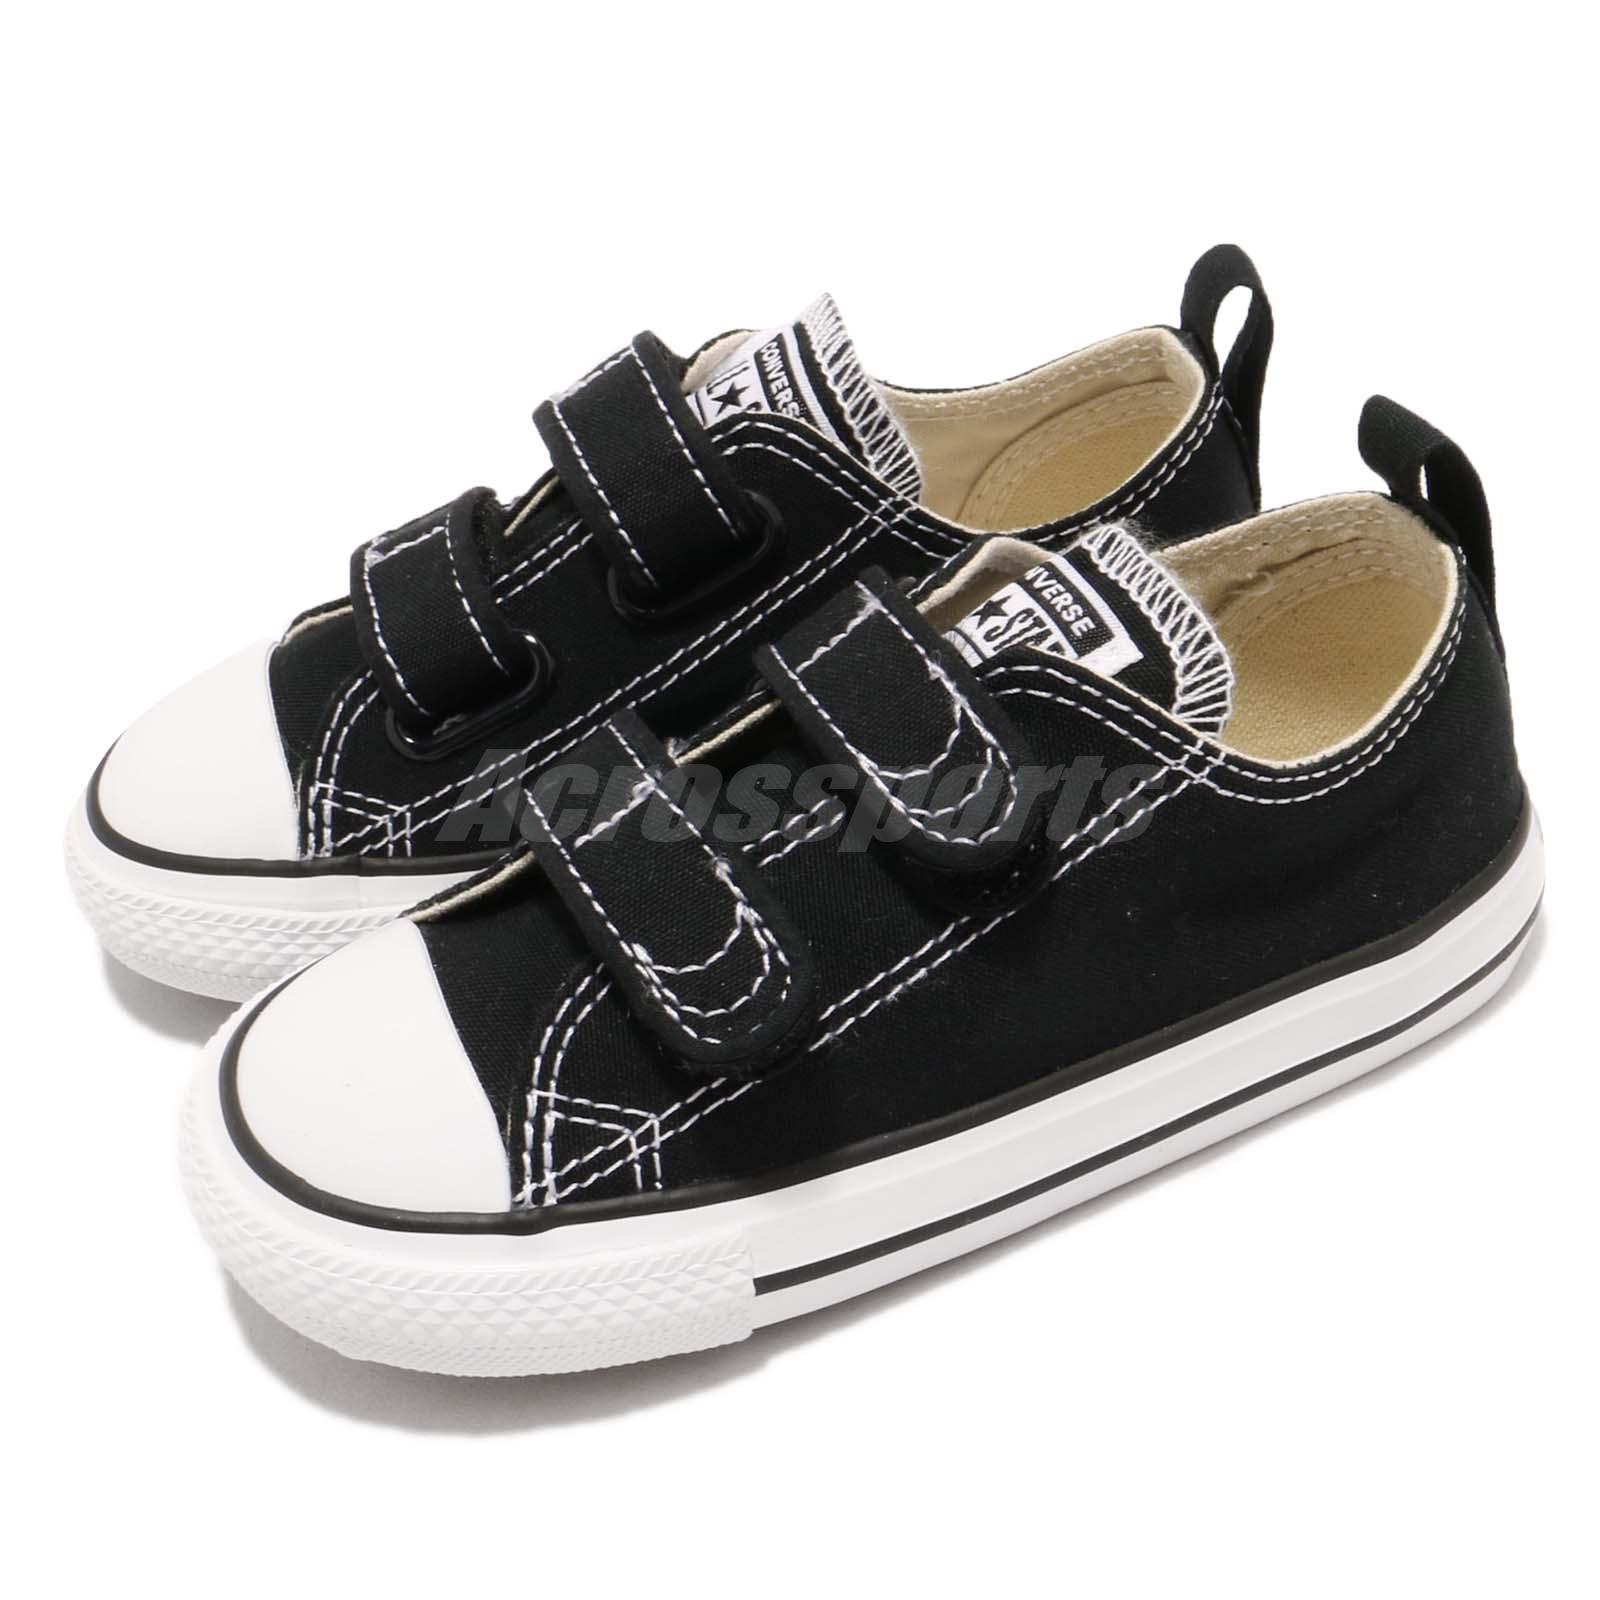 White Toddler Infant Shoe 7V603C